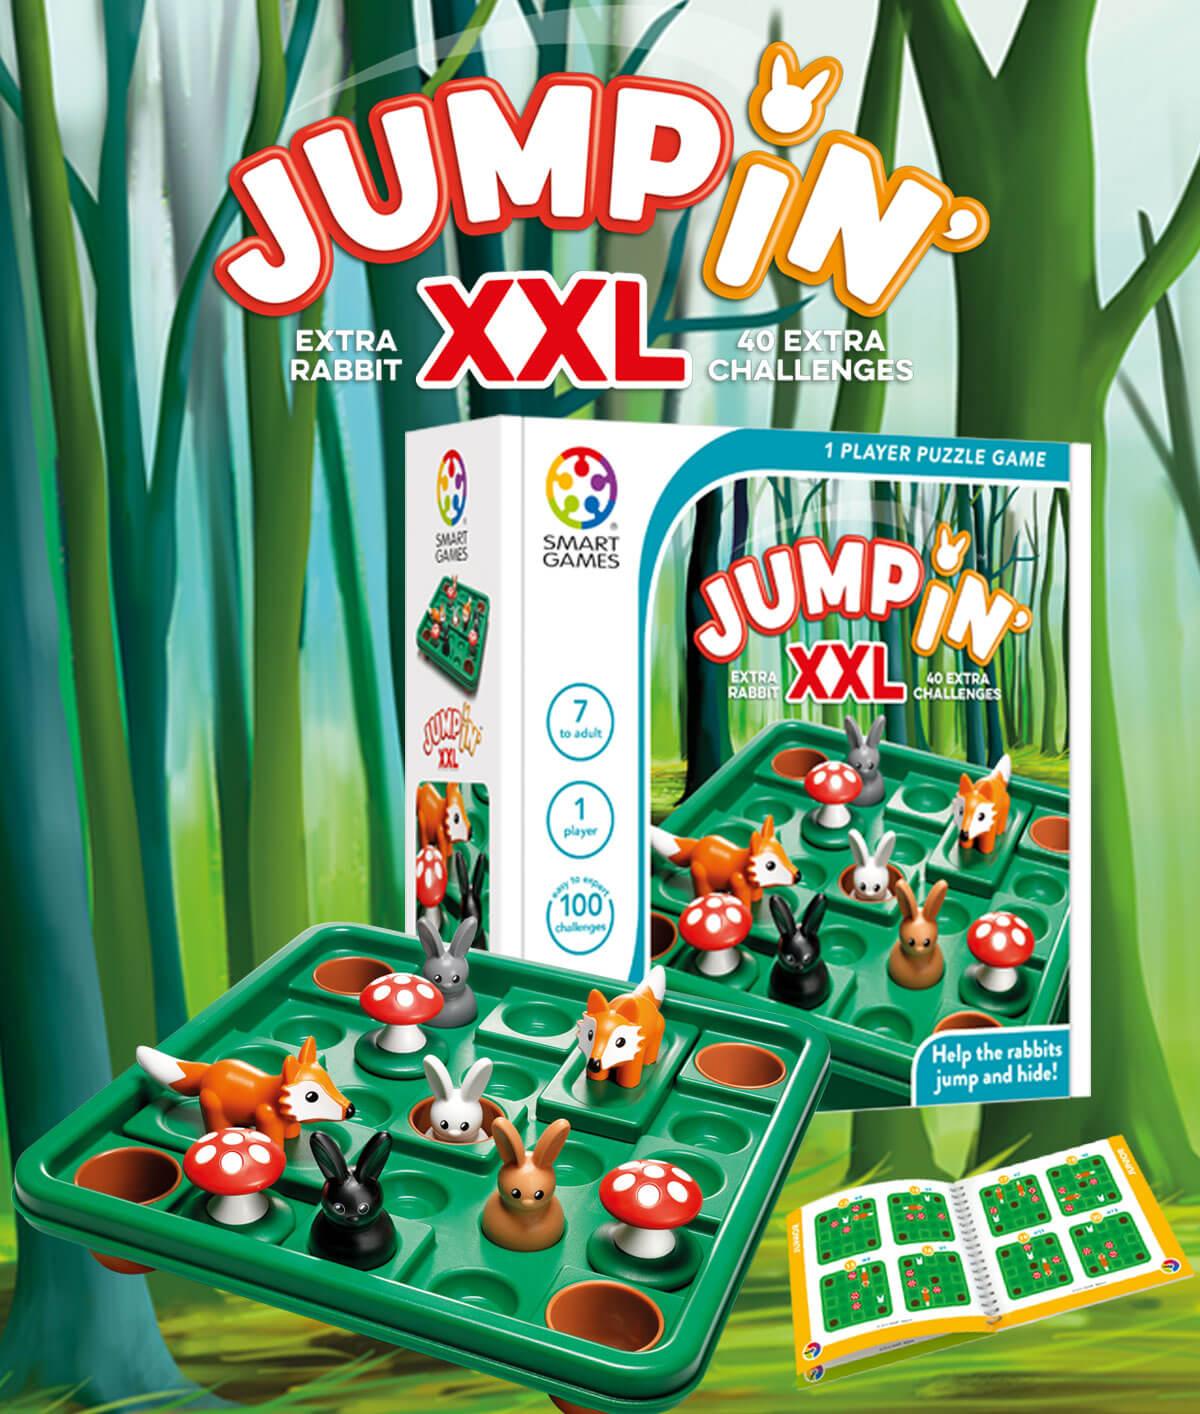 JumpIN' XXL